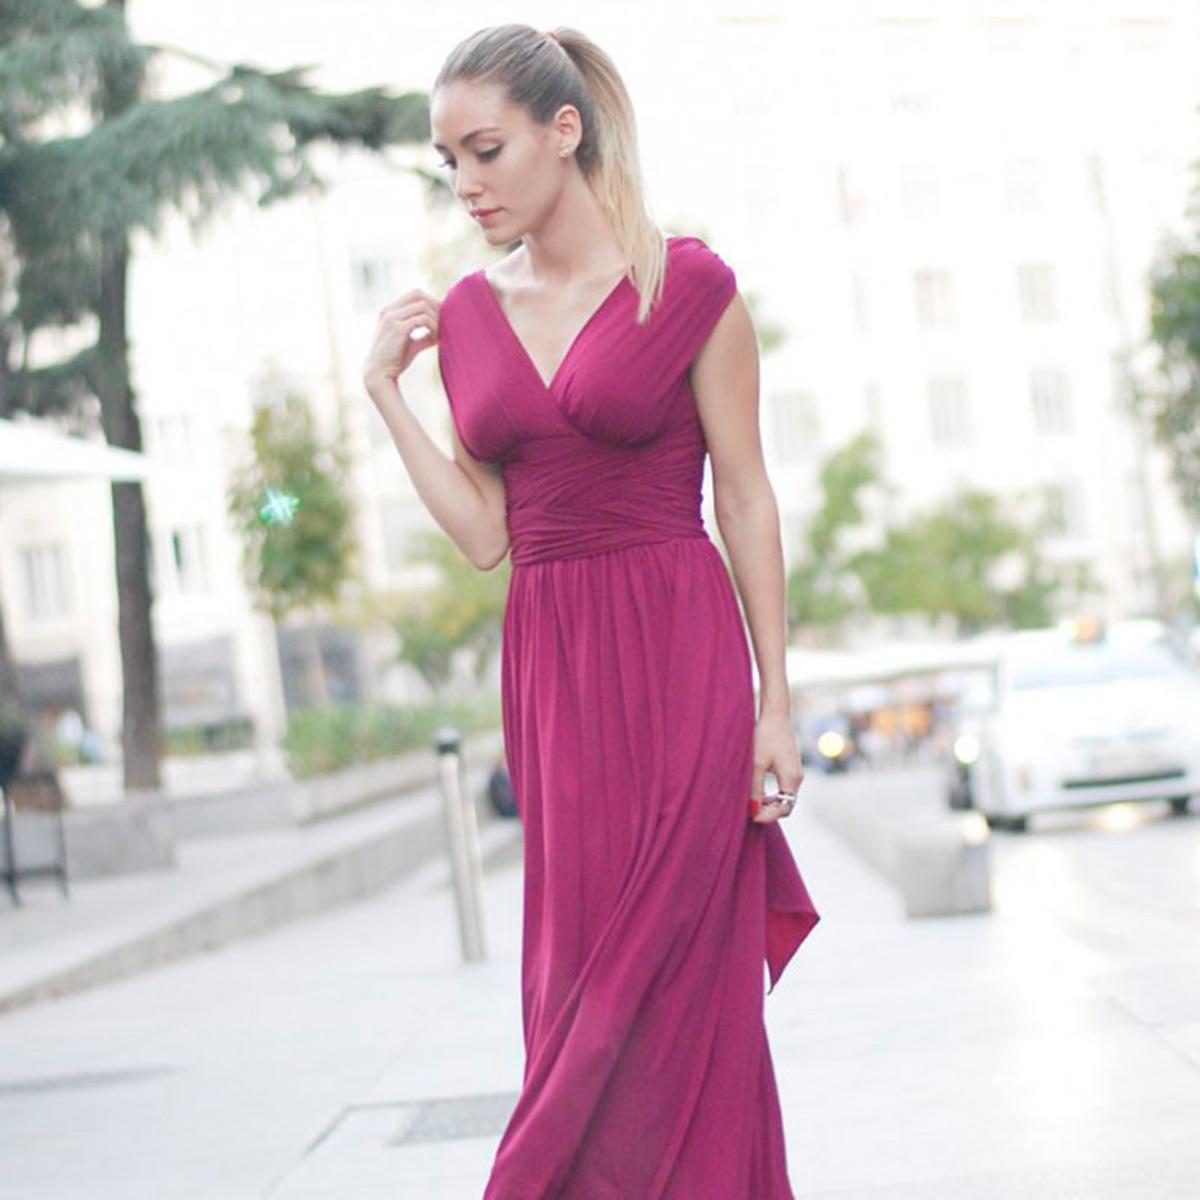 Alquiler de vestidos y accesorios - Dresseos